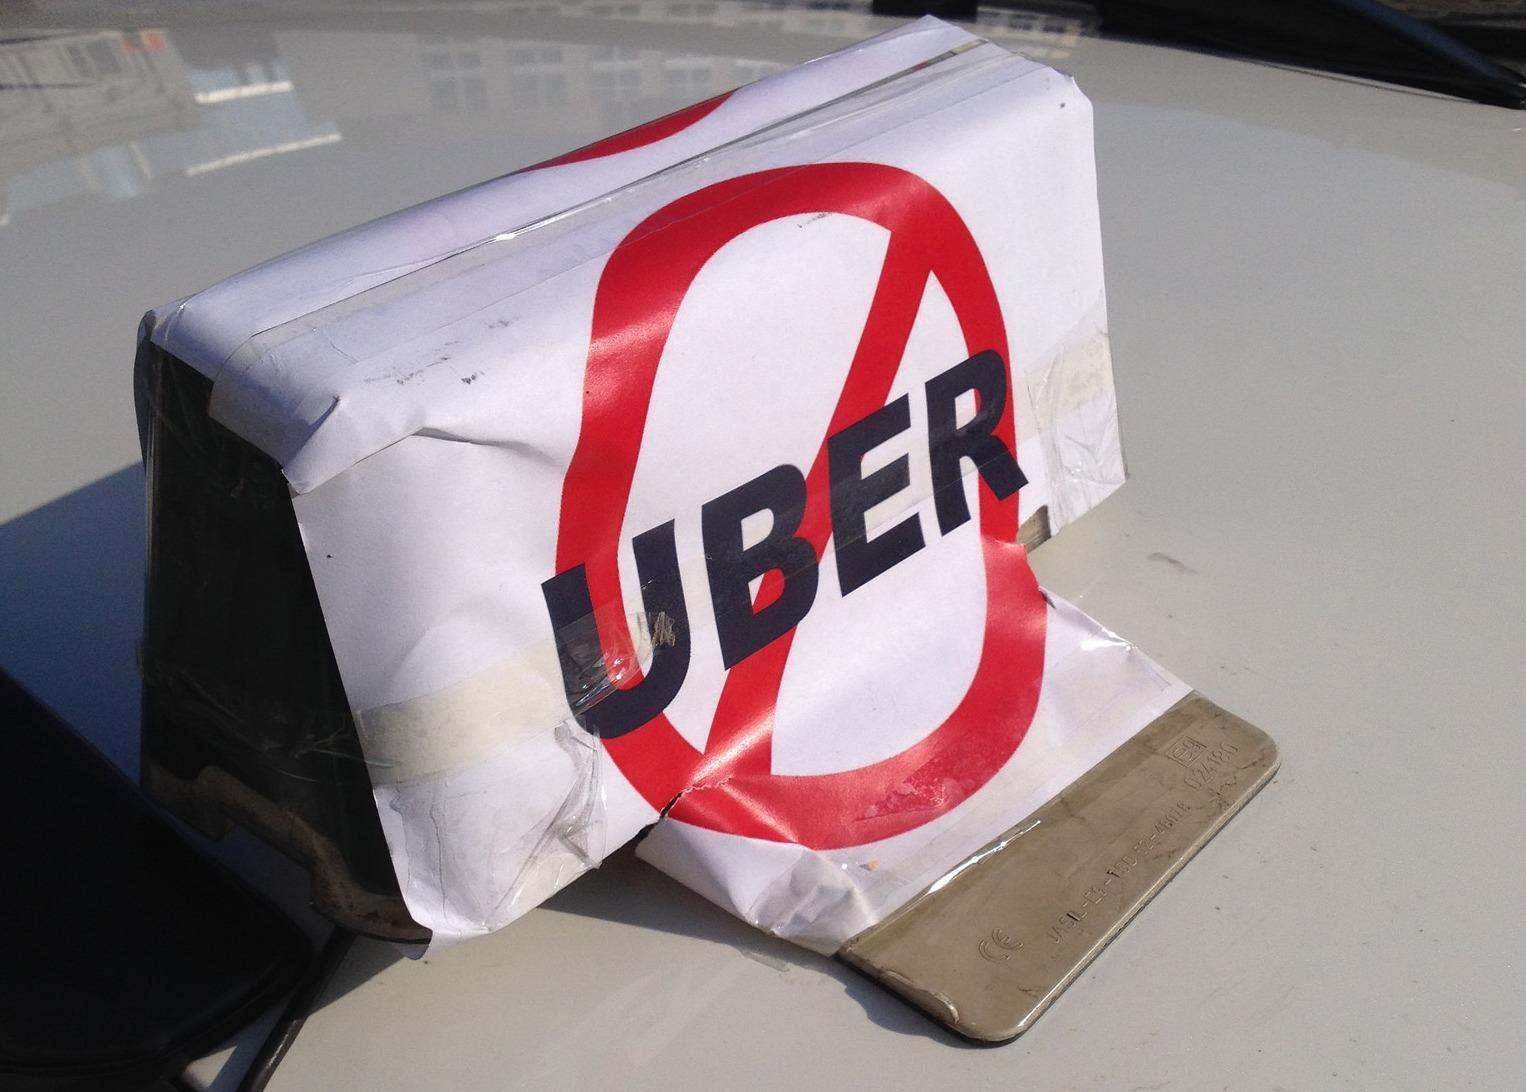 Taxinæringen kjemper fortsatt for overlevelse i en ny økonomi.